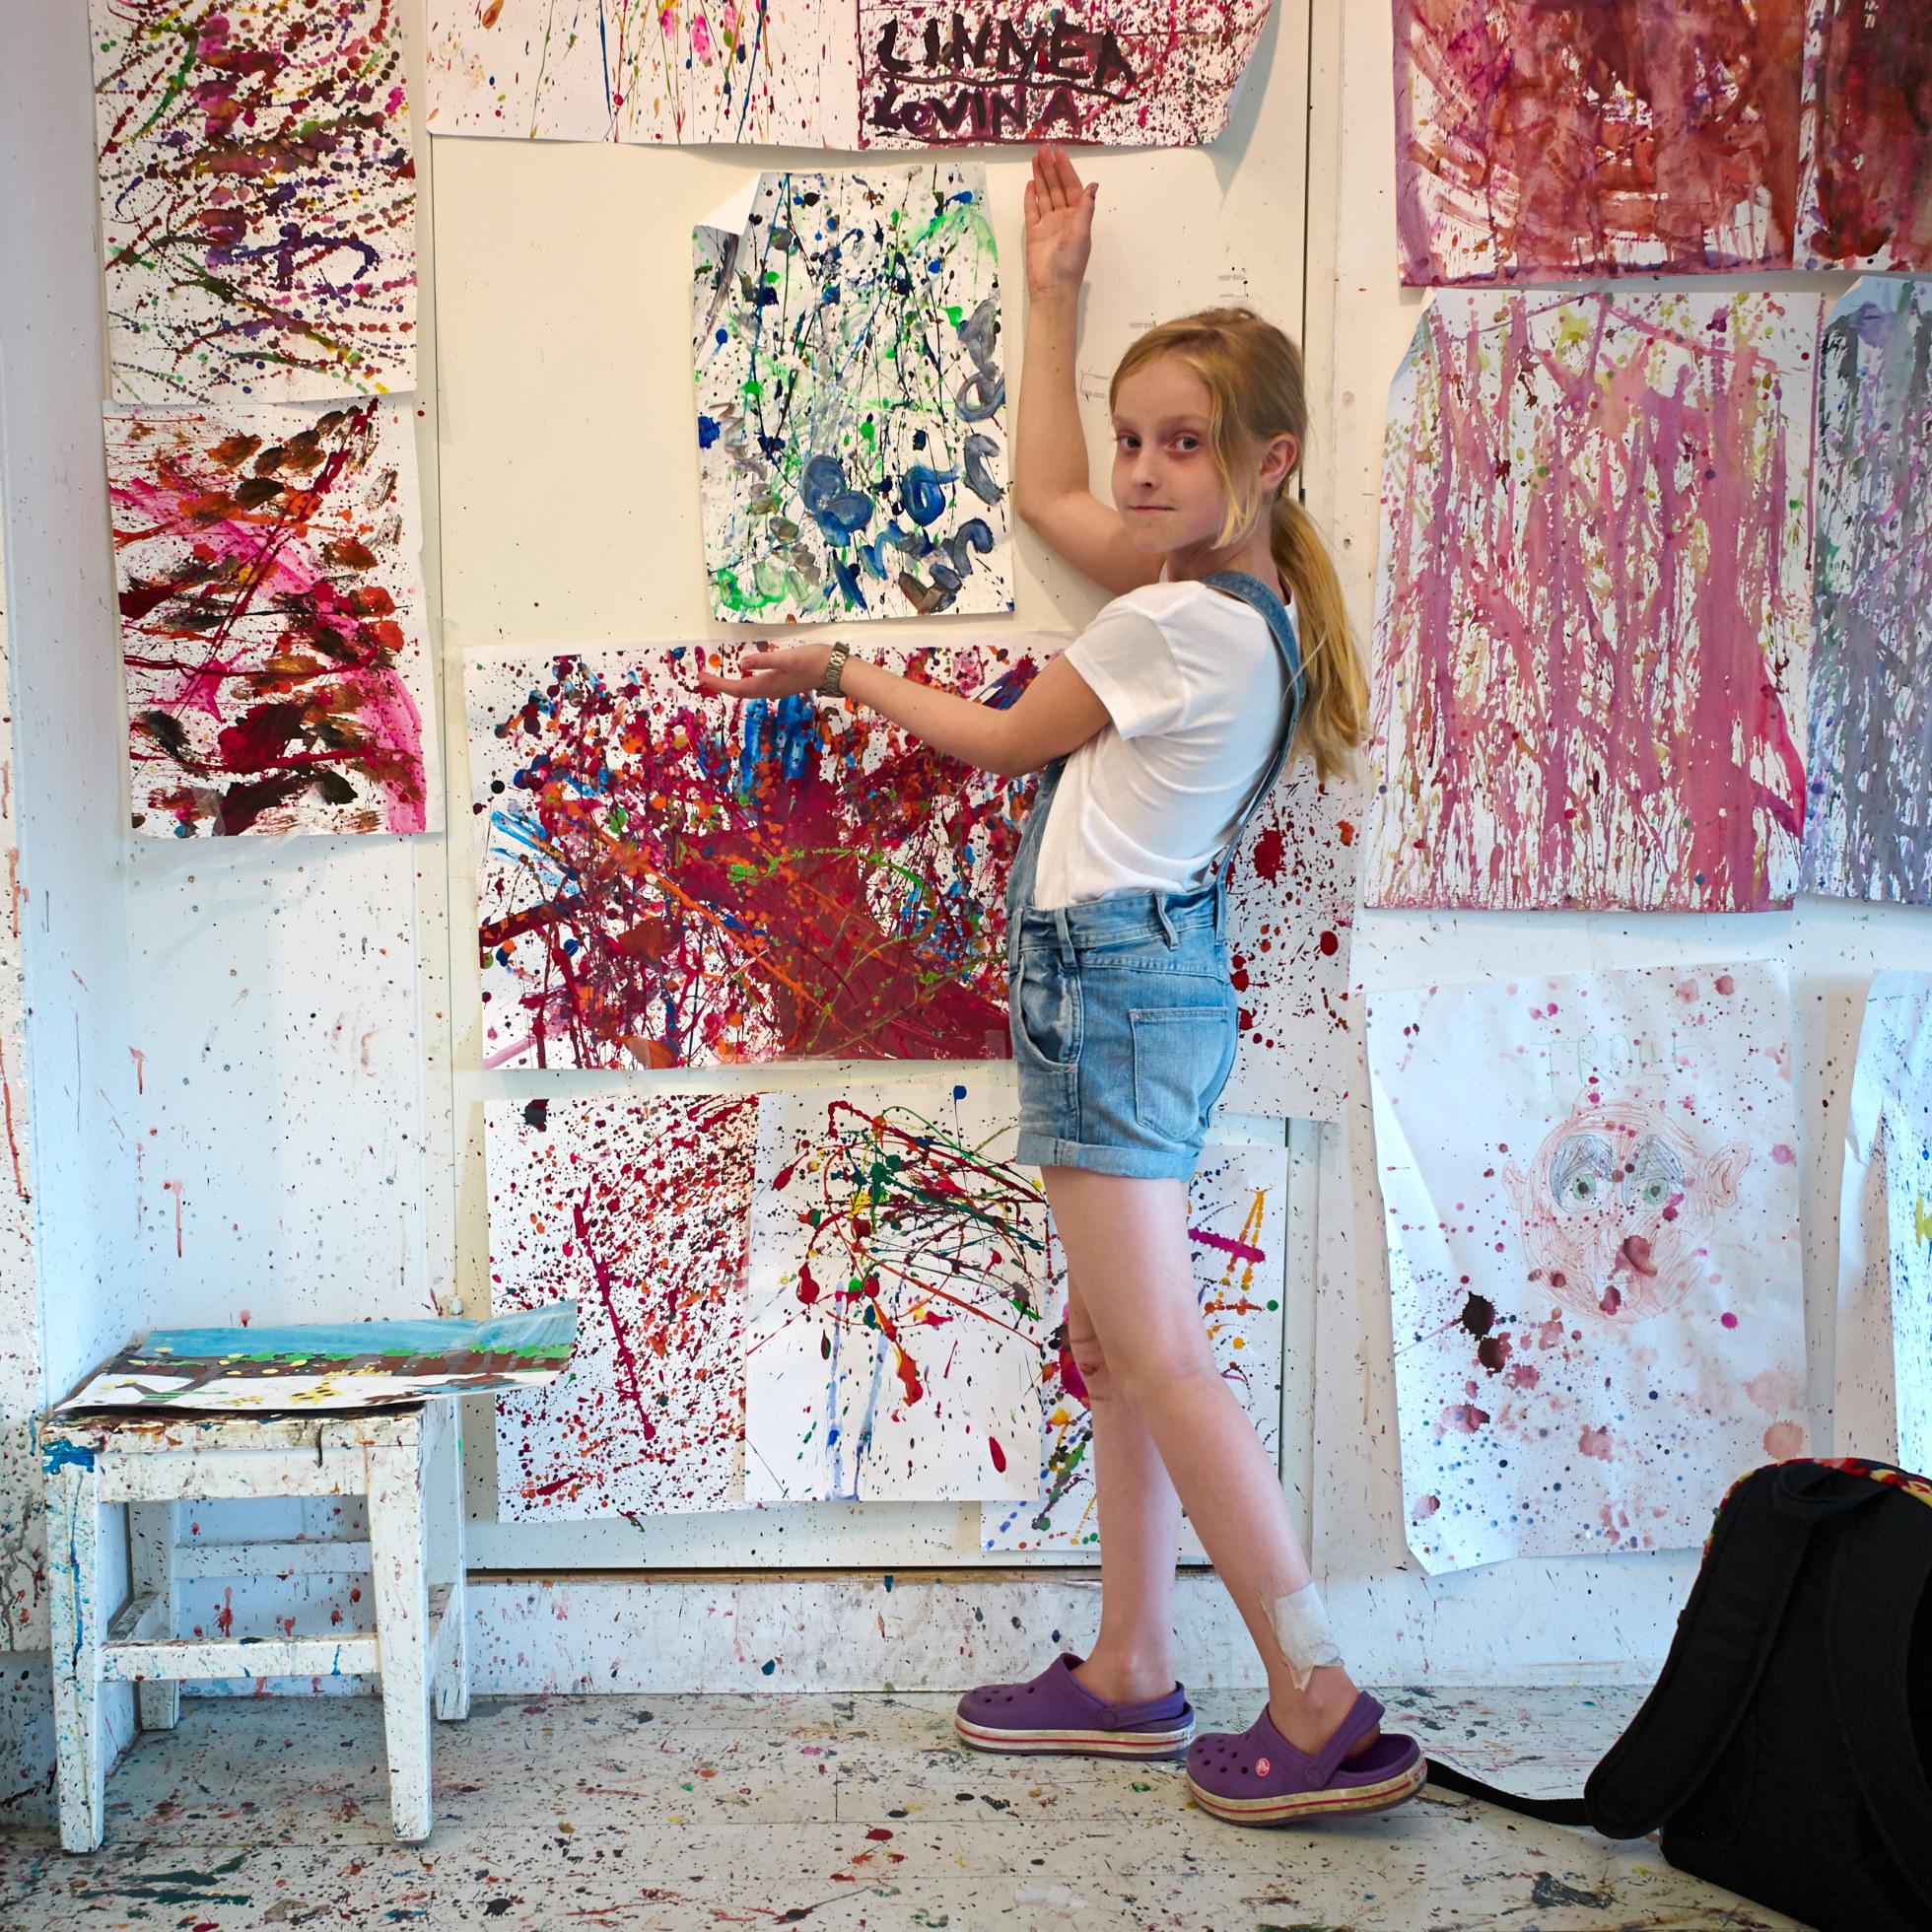 14-08-08_L1006182_konstkurs-och-fargfabriken